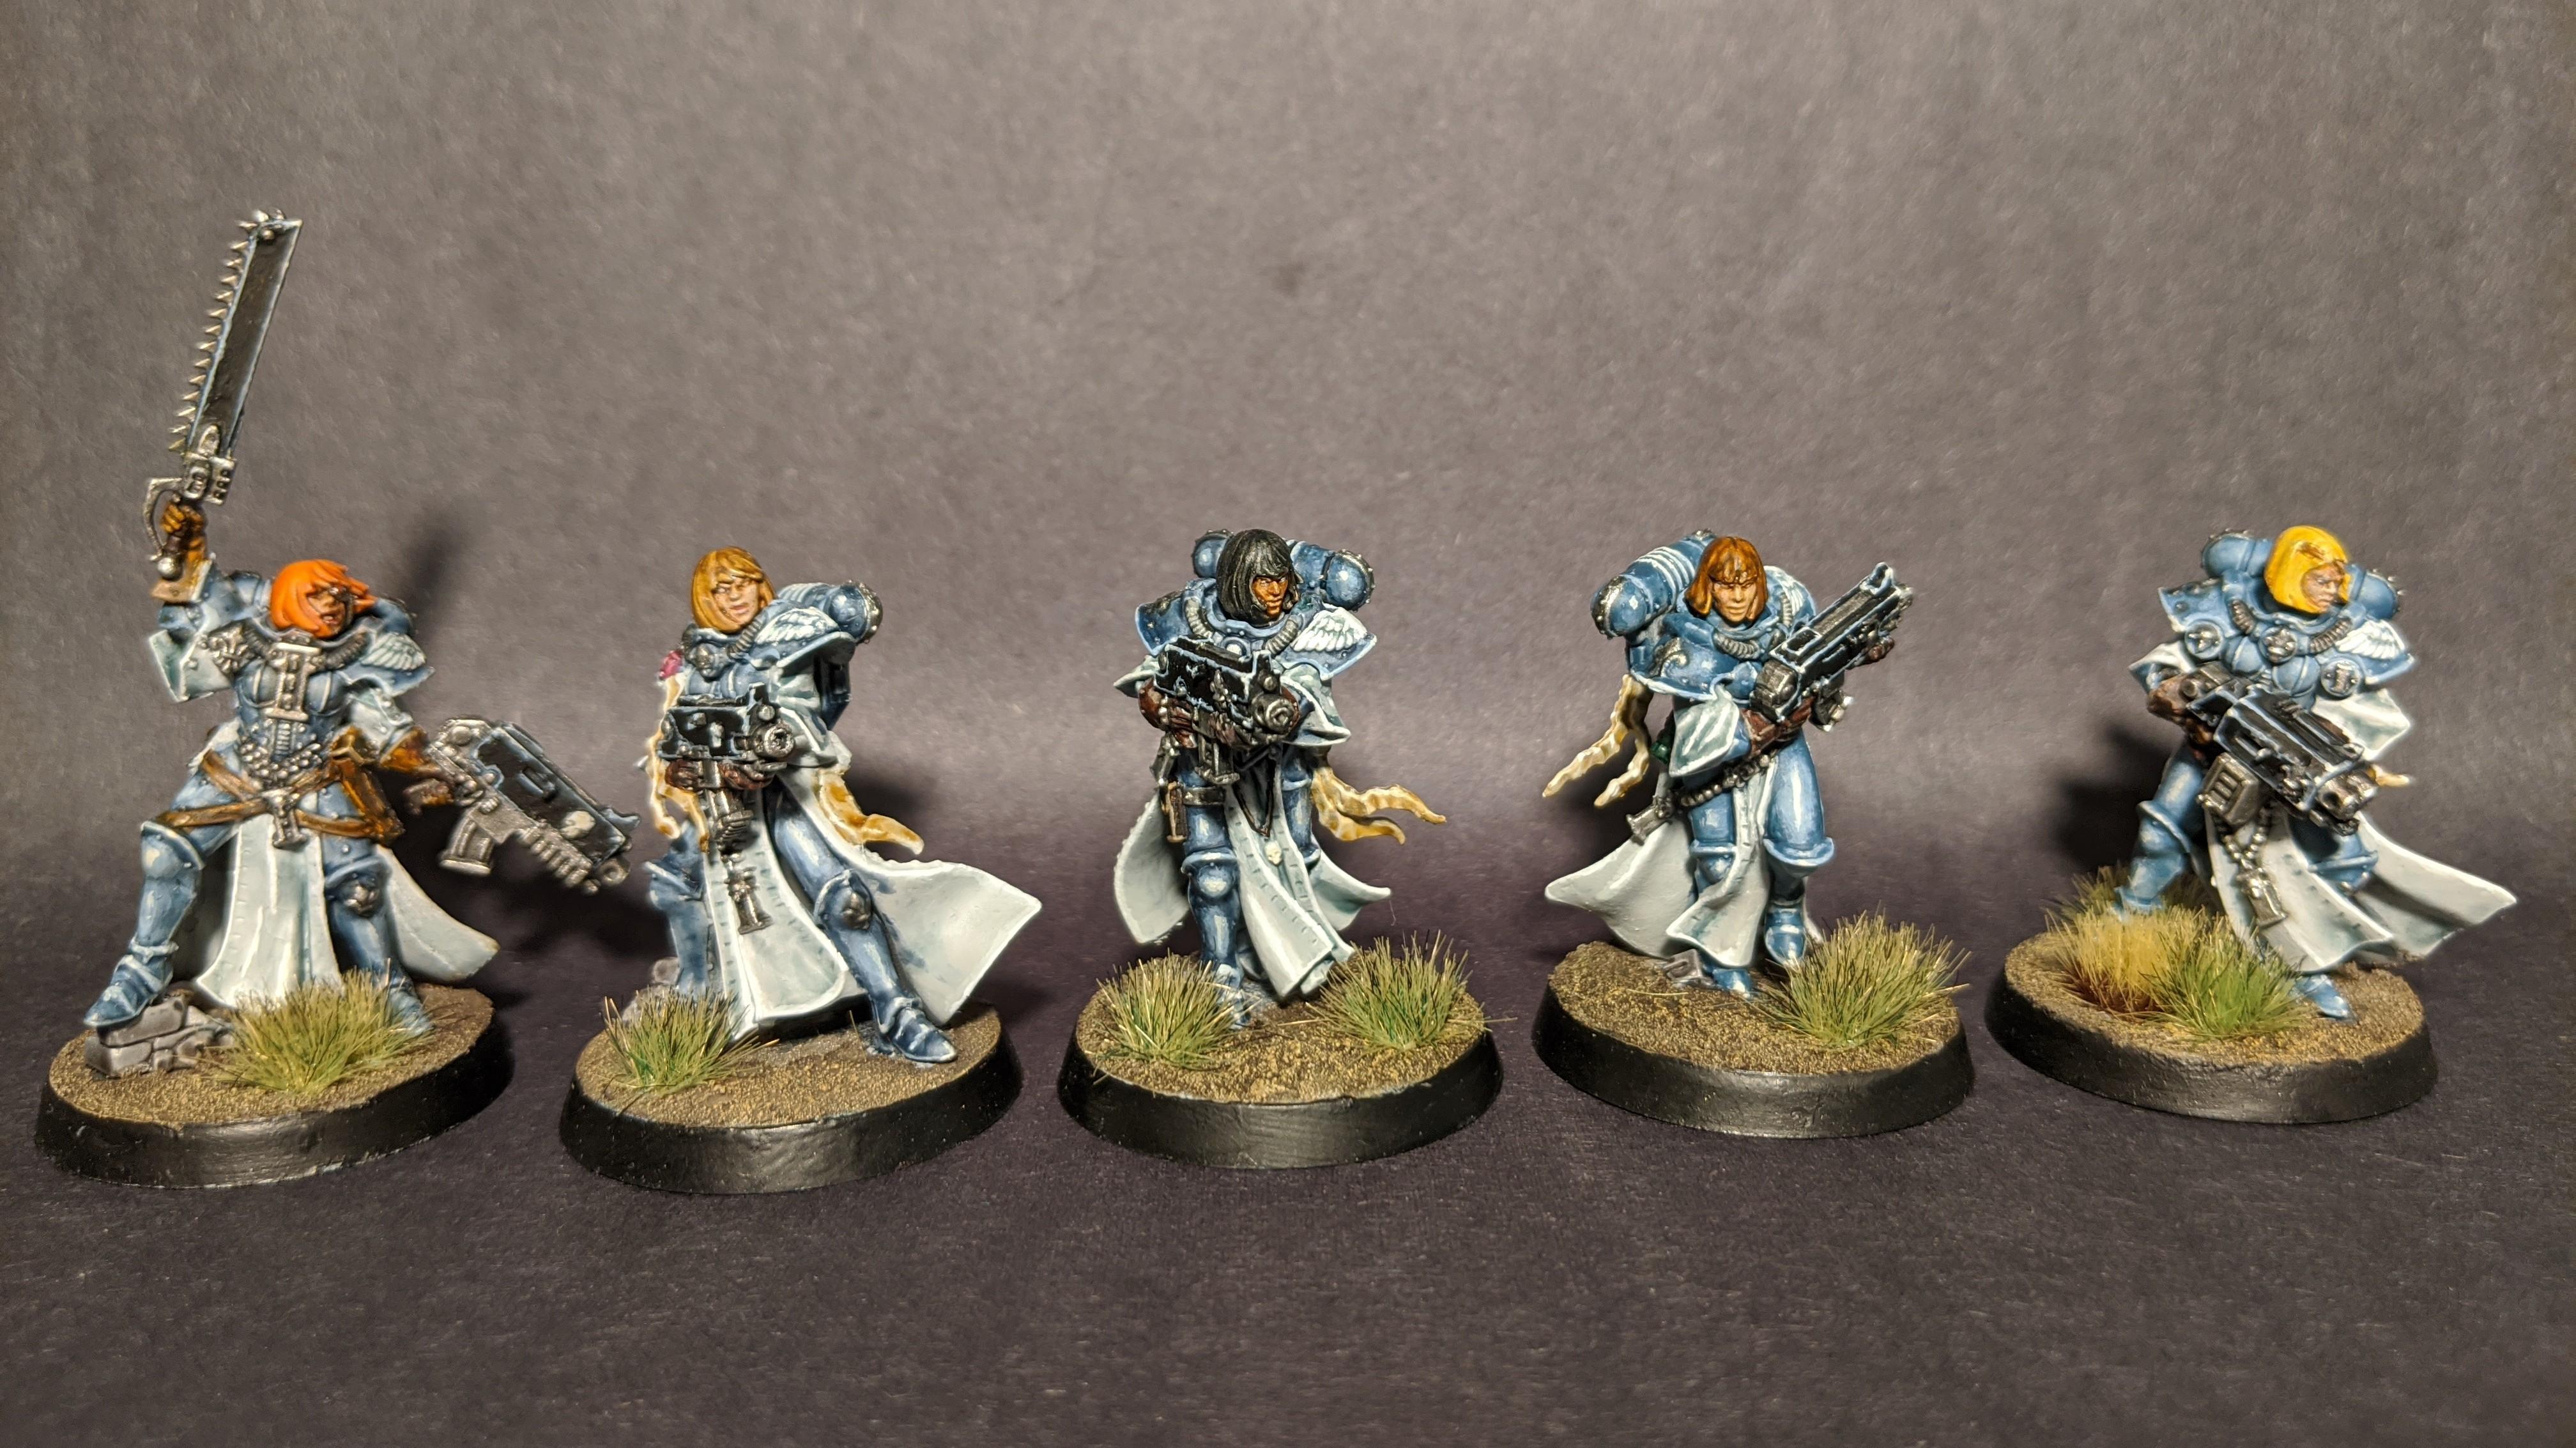 Boltgun, Sisters Of Battle, White Ink